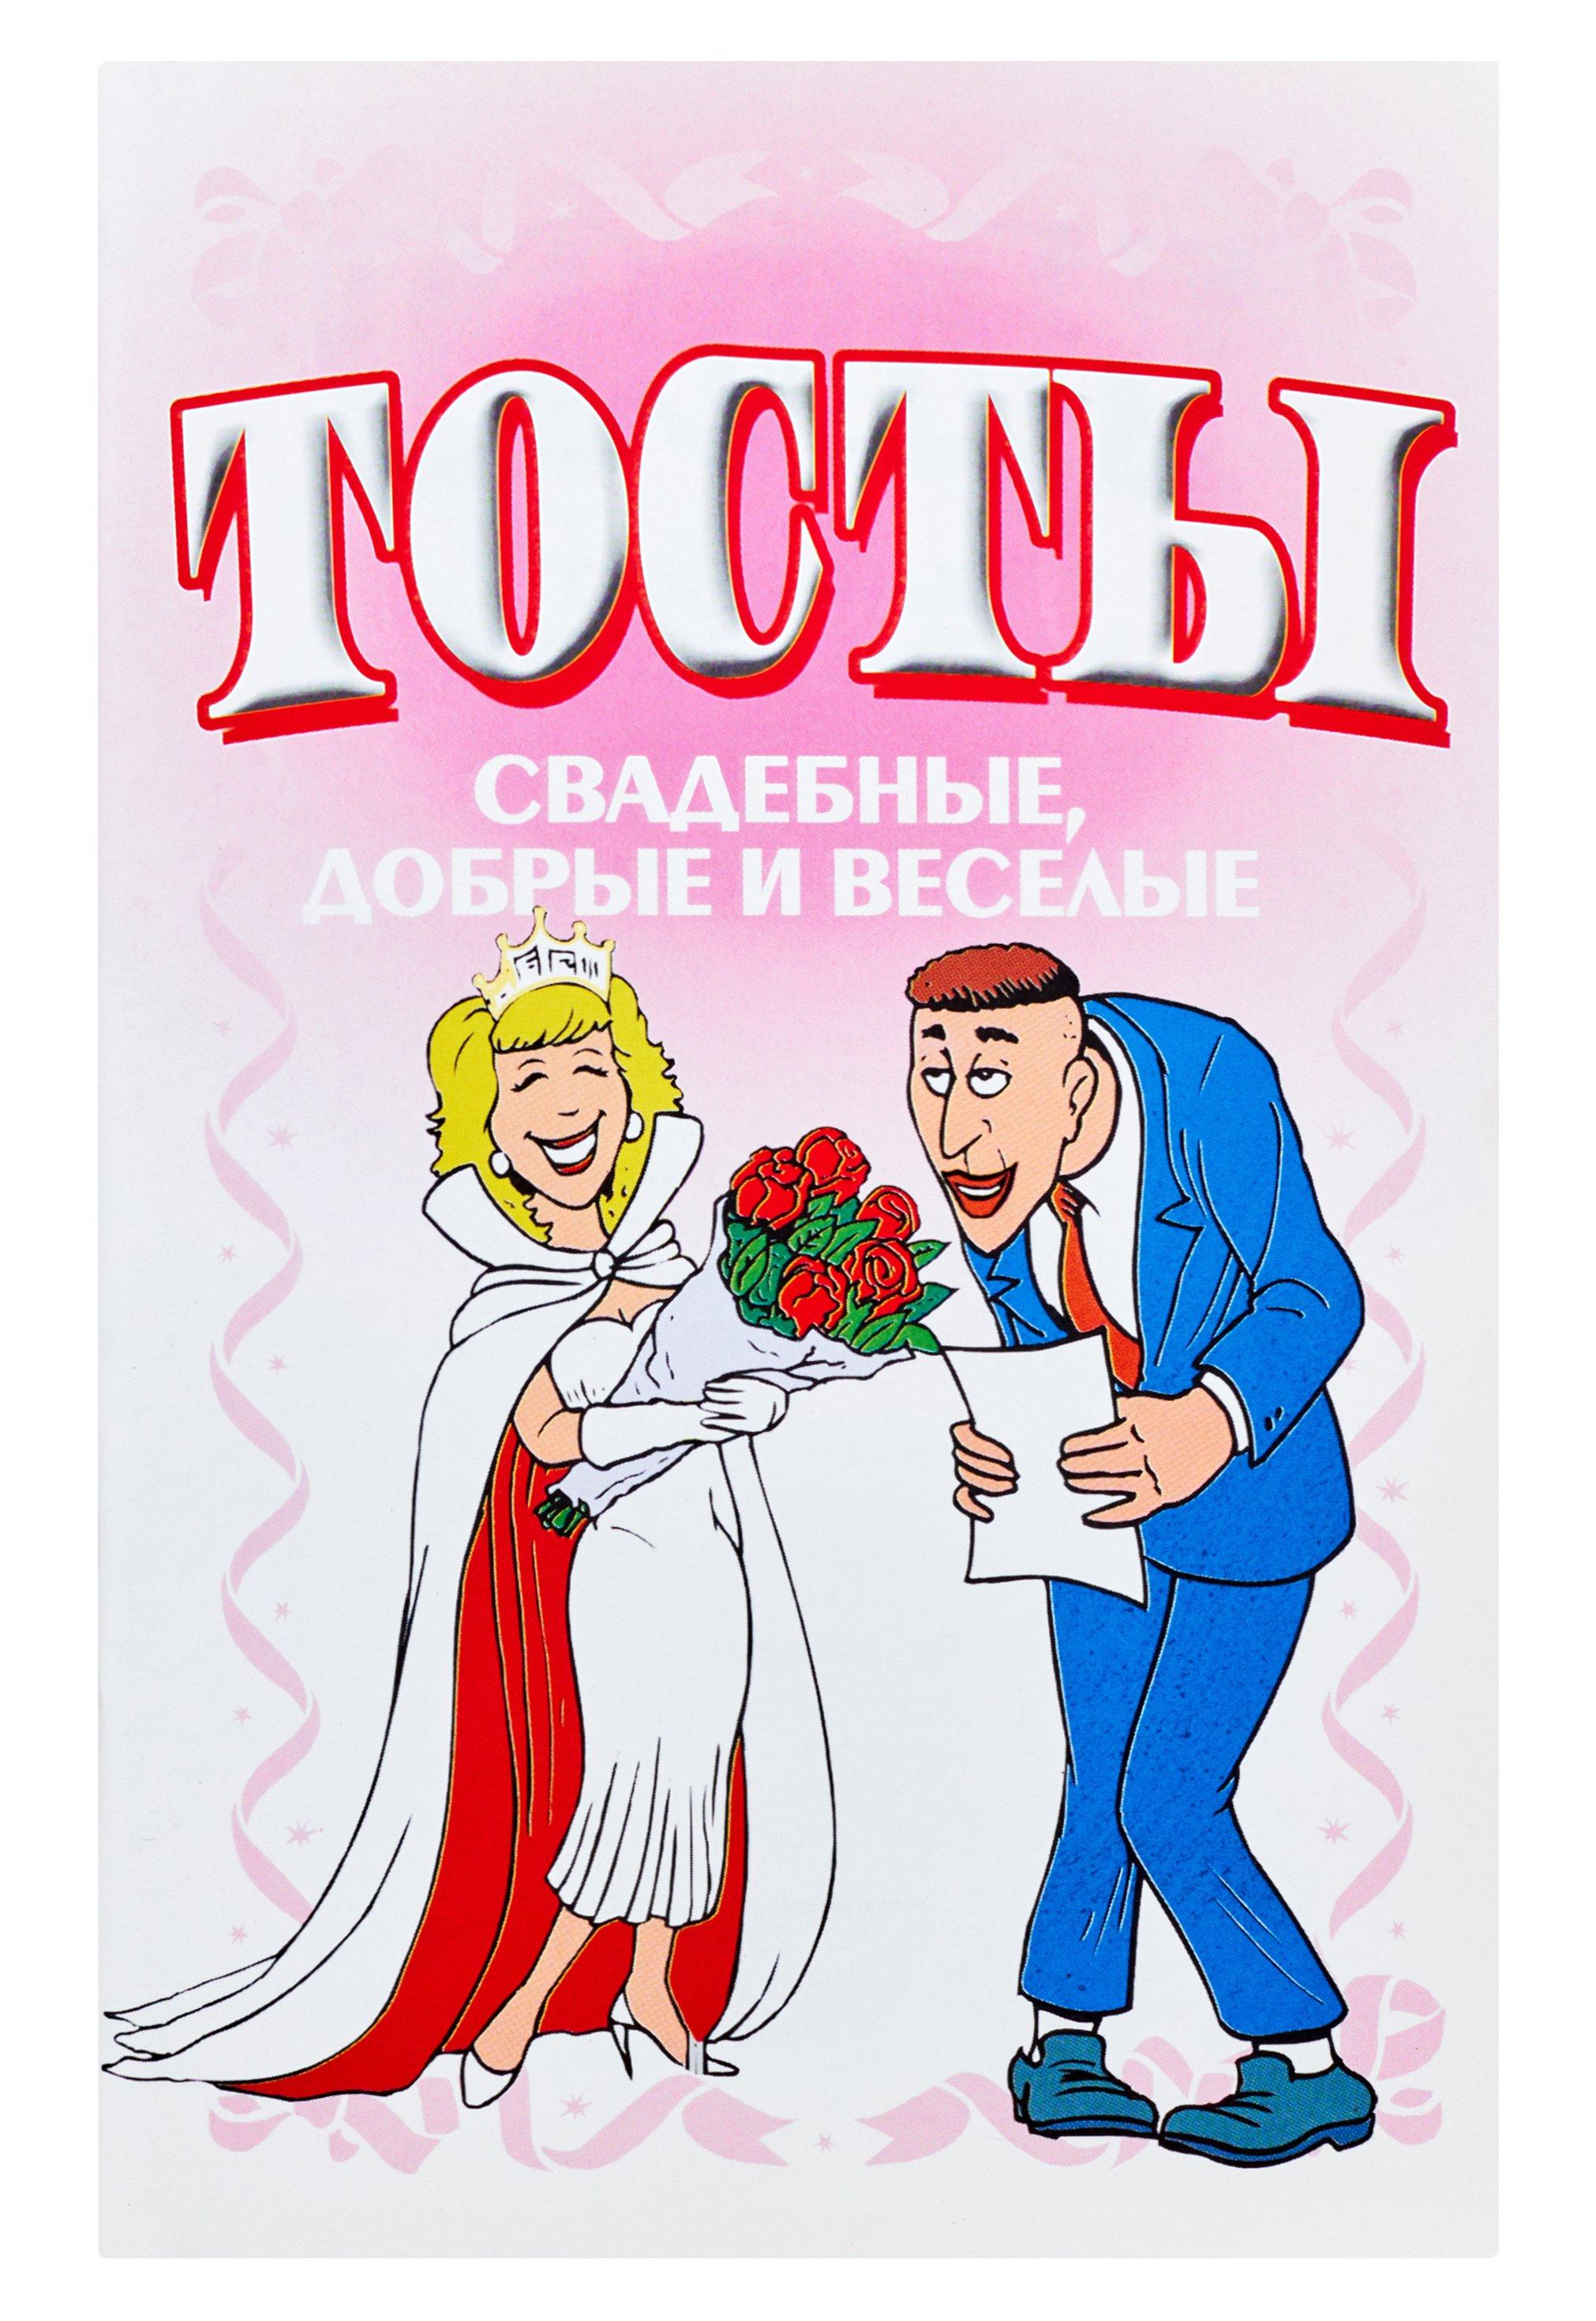 Свадьба тосты игры поздравления